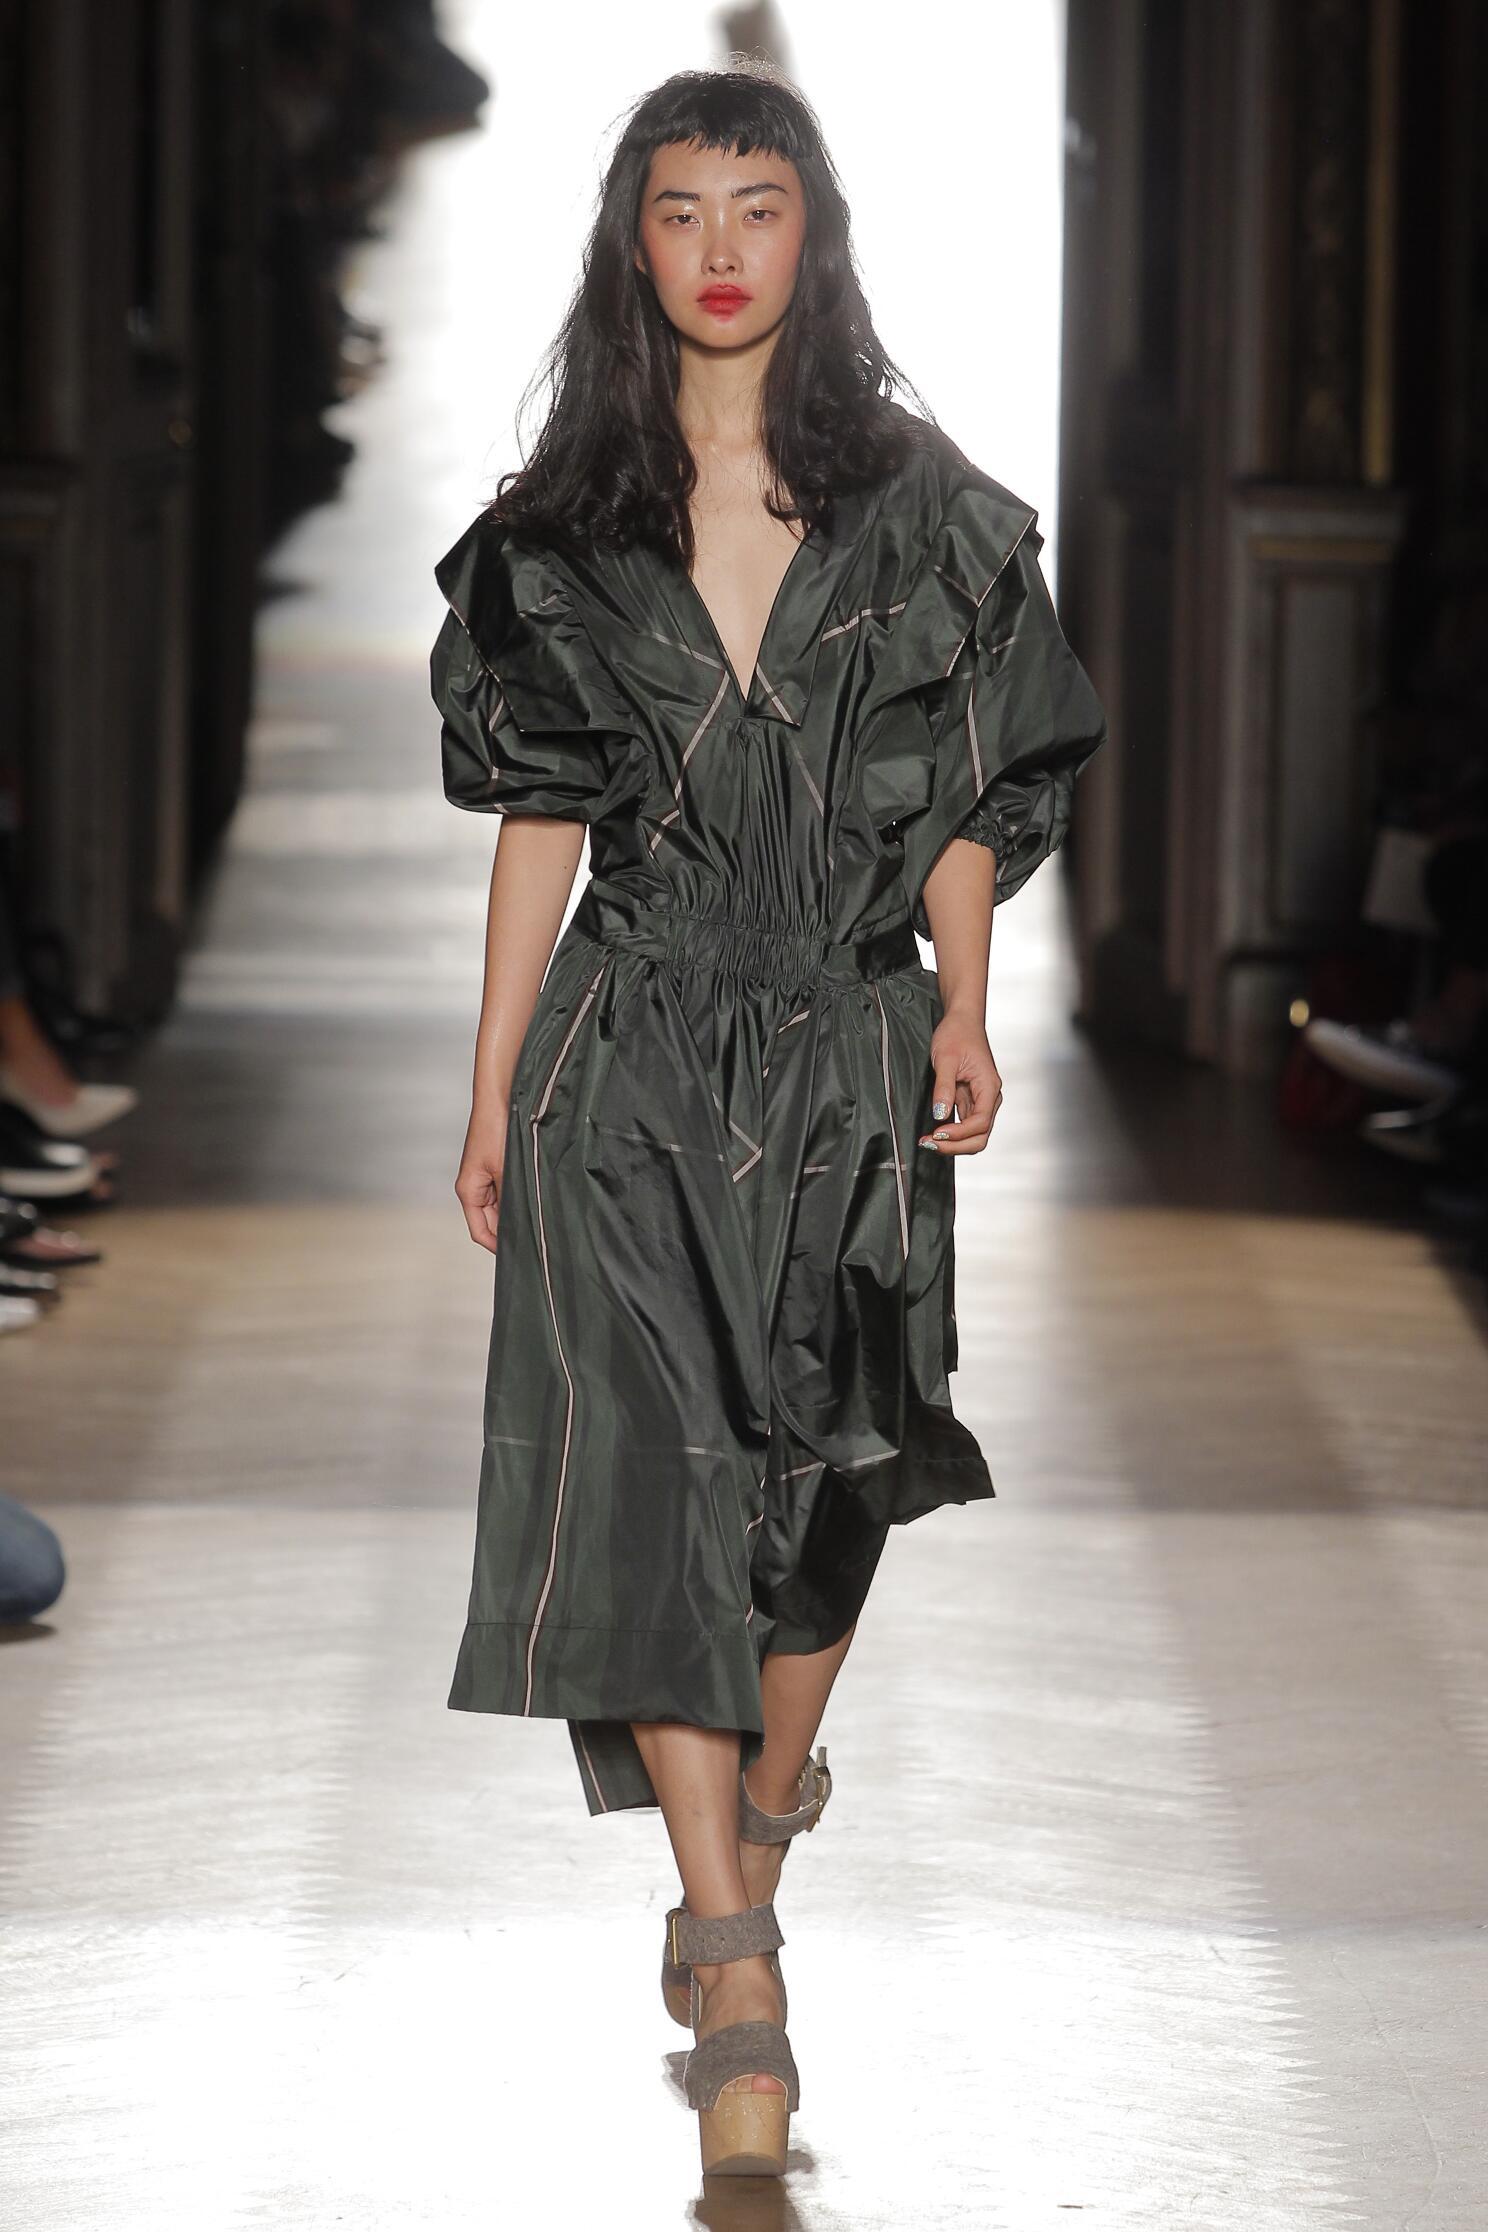 Womenswear 2015 Vivienne Westwood Gold Label Summer Catwalk